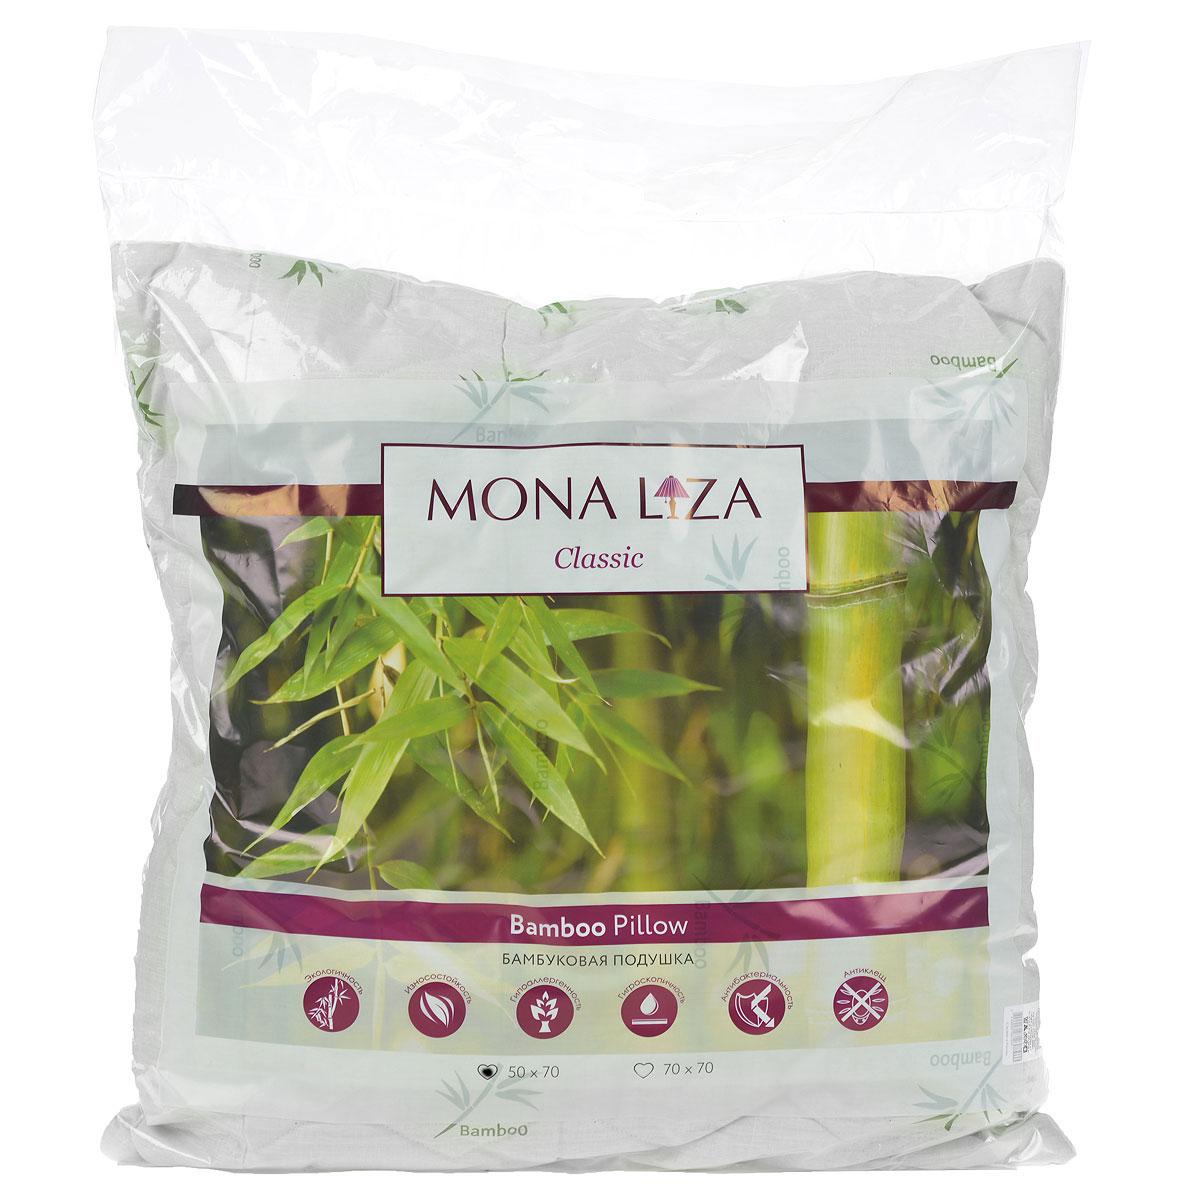 Подушка Mona Liza, цвет: белый, 50 х 70 см. 539414539414Подушка Mona Liza подарит вам незабываемое чувство комфорта и умиротворения. Чехол выполнен из поликоттона, украшен изображением стеблей бамбука, фигурной стежкой и кантом по краю. В качестве наполнителя используется бамбуковое волокно, которое обладает удивительным балансом различных свойств и удовлетворяет требования даже самого изысканного покупателя. Такой наполнитель сохраняет ценные свойства растения и одновременно обеспечивает легкость изделия, мягкость и долговечность. Высокосиликонизированное волокно Royalton придает изделию упругость, быстро восстанавливает форму после смятия, имеет высокую стойкость к ее сохранению с течением времени. Свойства подушки с бамбуком: - Наполнитель обладает природным свойством антибактериальности, как в природе, так и в быту это волокно не повреждается грибками, плесенью и вредителями; это свойство сохраняется при многократных стирках. - Прочность и мягкость: плотность бамбукового волокна в 2 раза выше, чем у хлопка, при этом оно сохраняет устойчивость к механическим воздействиям в сухом и мокром состоянии; в то же время оно мягче хлопка, сходно по структуре с шелком. - Обладает активным влагопоглощением, не рекомендуется для использования в климатических зонах и отдельных помещениях с повышенной влажностью, людям с повышенной влажностью тела. - Не удерживает посторонние запахи, является природным дезодорантом. - Практически не содержит примесей вредных химических соединений, потому что производится путем дробления стебля, обработки его паром и биоферментами. Подушка проста в уходе, подходит для машинной стирки, быстро сохнет. Материал чехла: ткань (50% хлопок, 50% полиэстер), пласт (35% бамбук, 65% полиэстер). Наполнитель: 100% полиэстер.